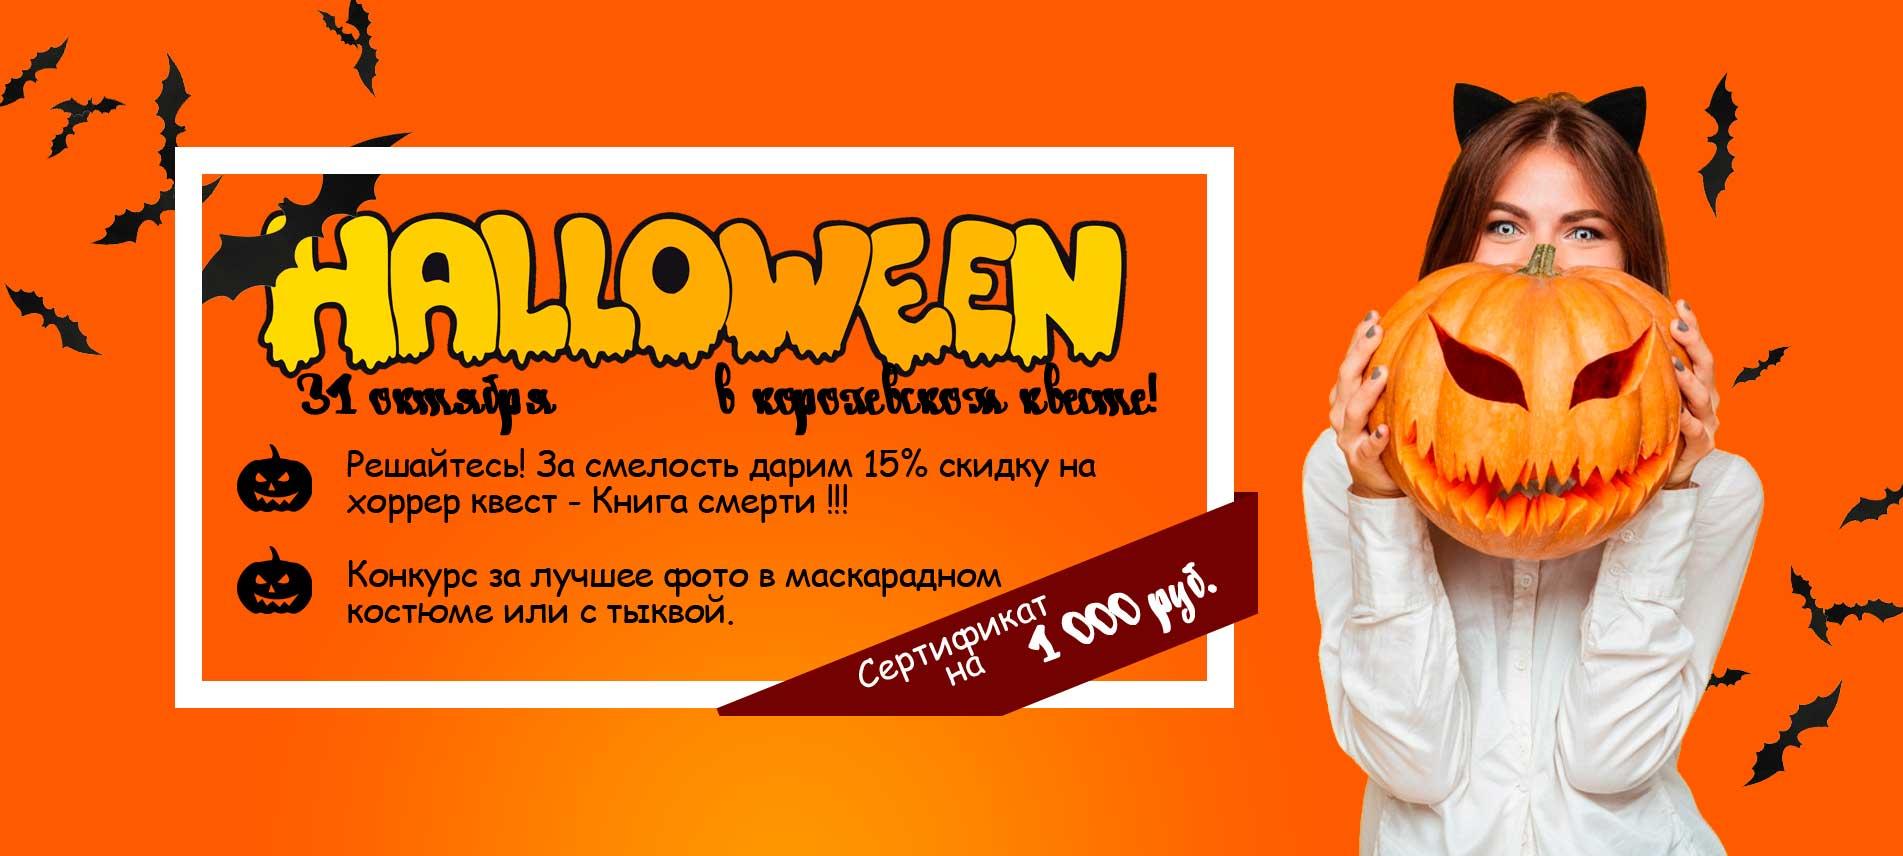 Акция Скидки на Хэллоуин